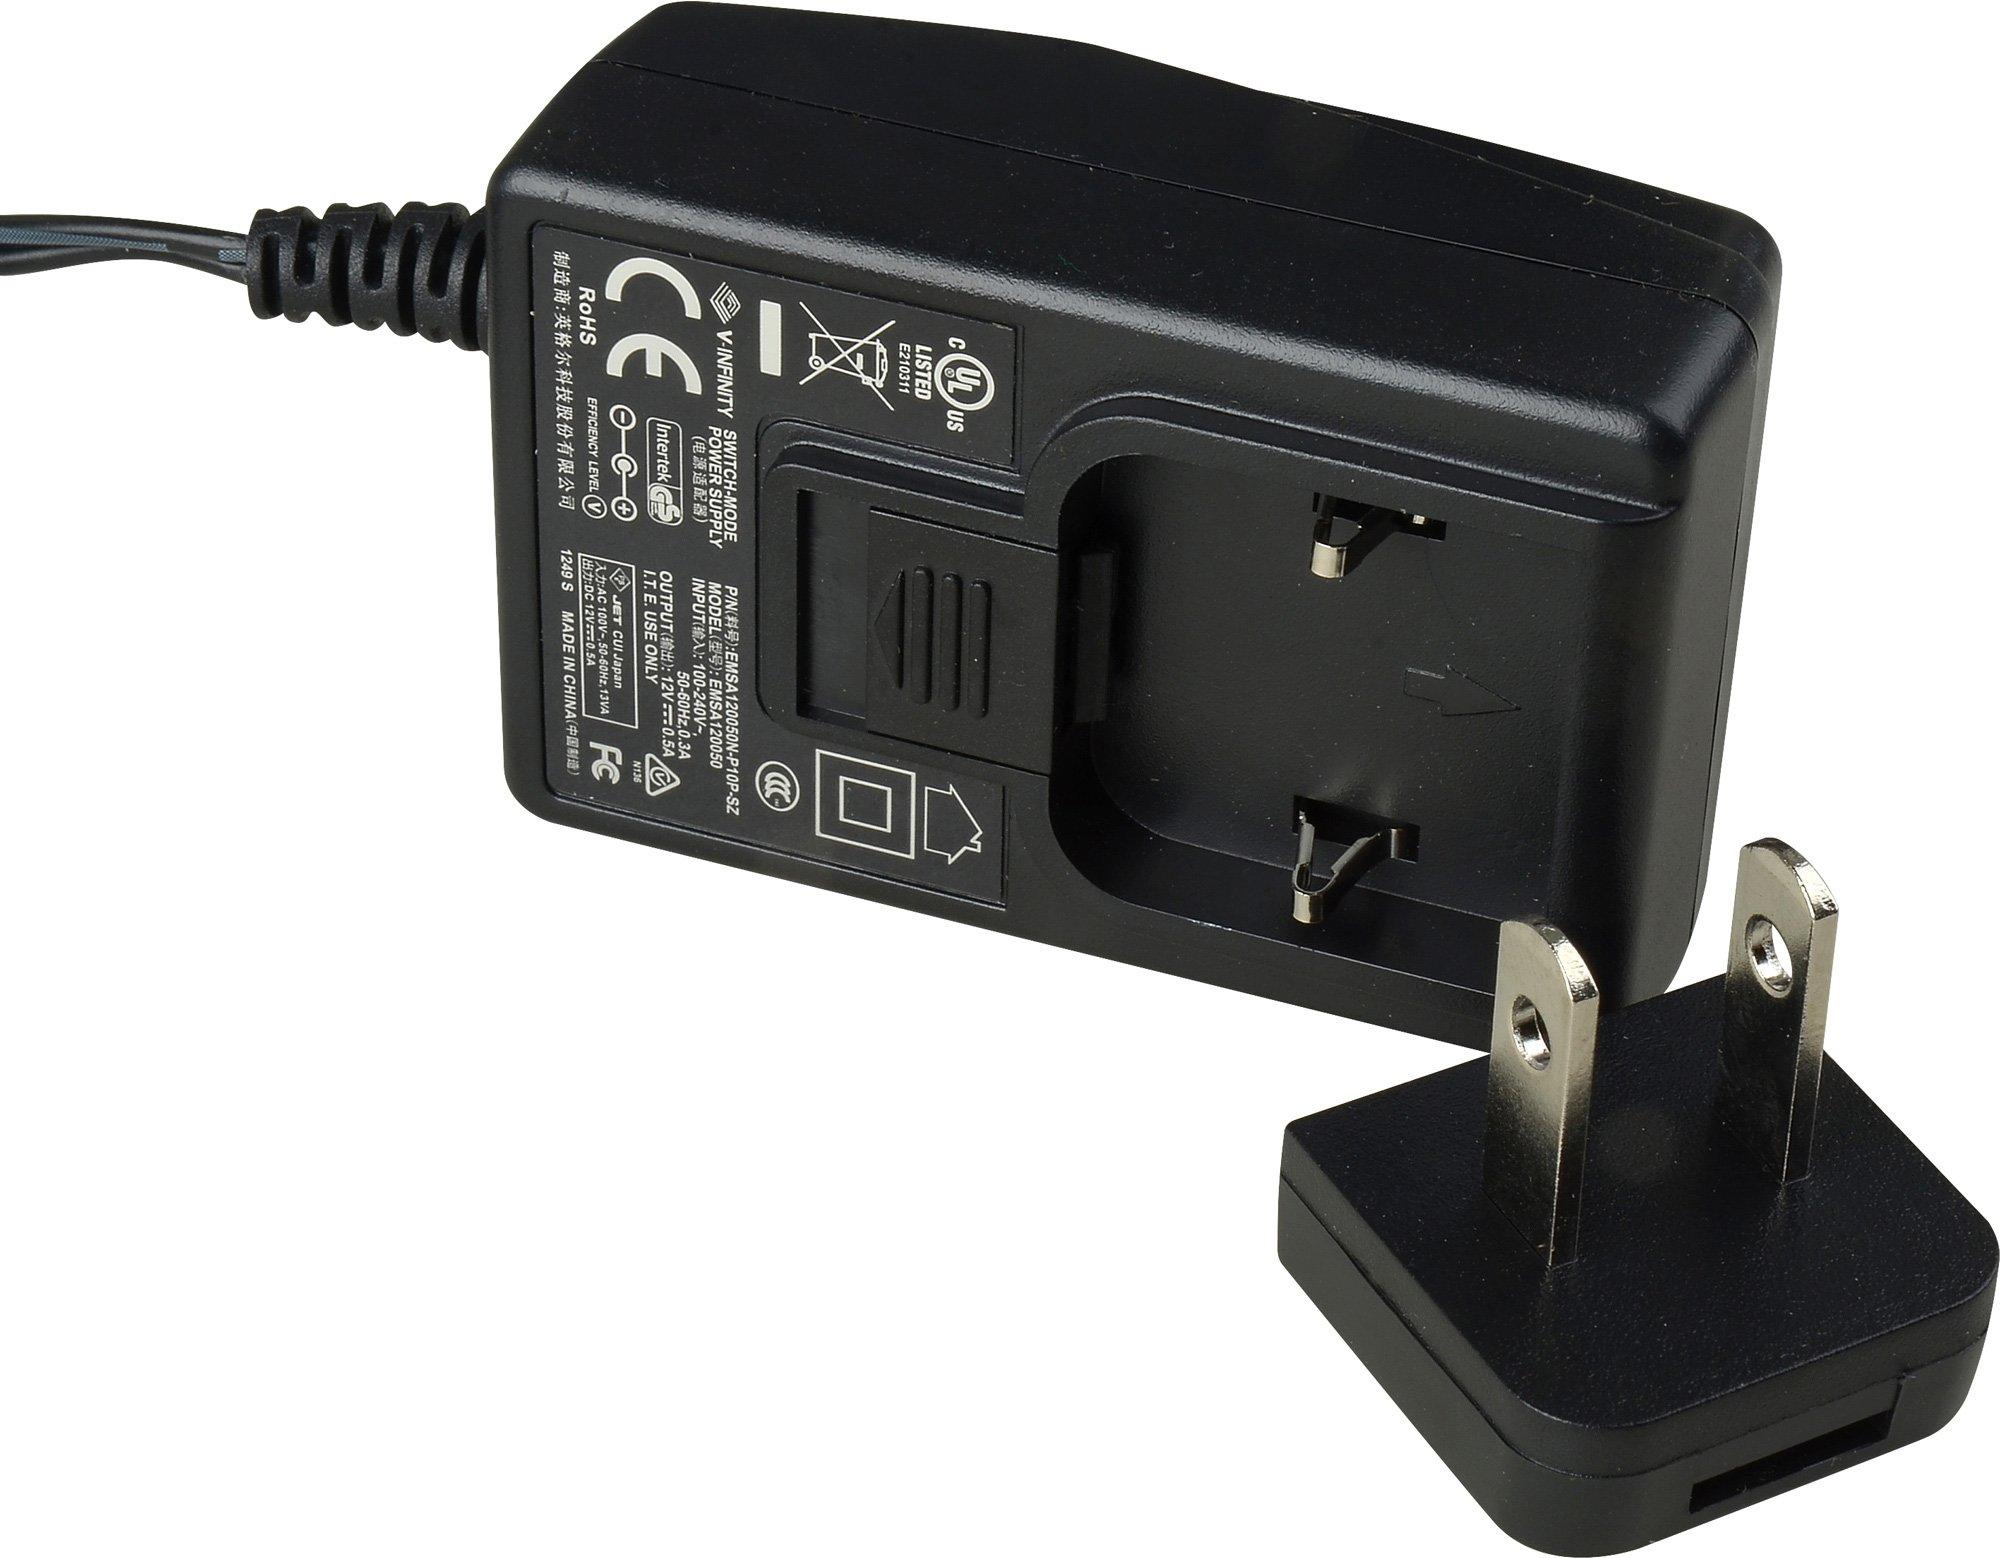 Fiber Optic Converter / Extender & 1000 Foot Tactical Fiber Cable Reel